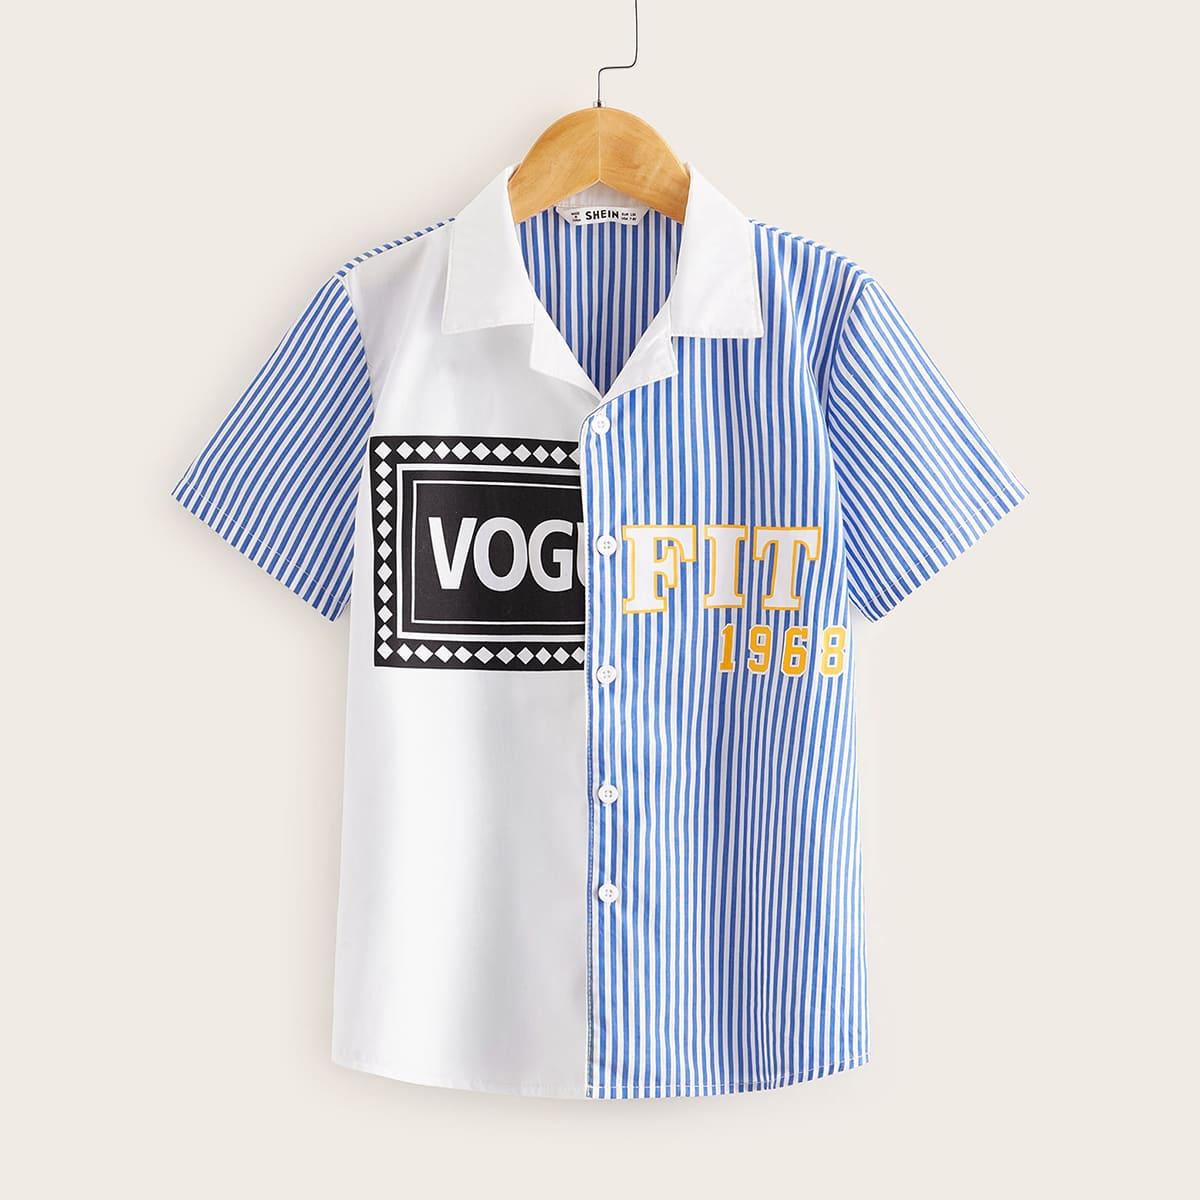 Рубашка в полоску с текстовым принтом для мальчиков от SHEIN